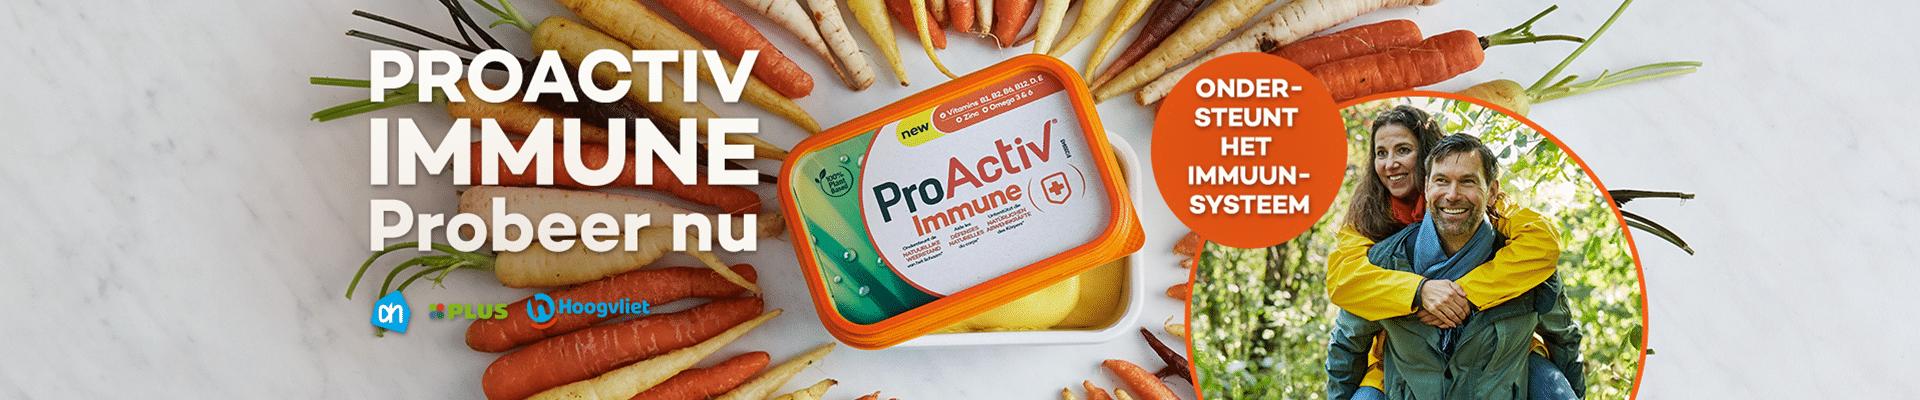 Probeer Gratis kuipje boter ProActiv Immune